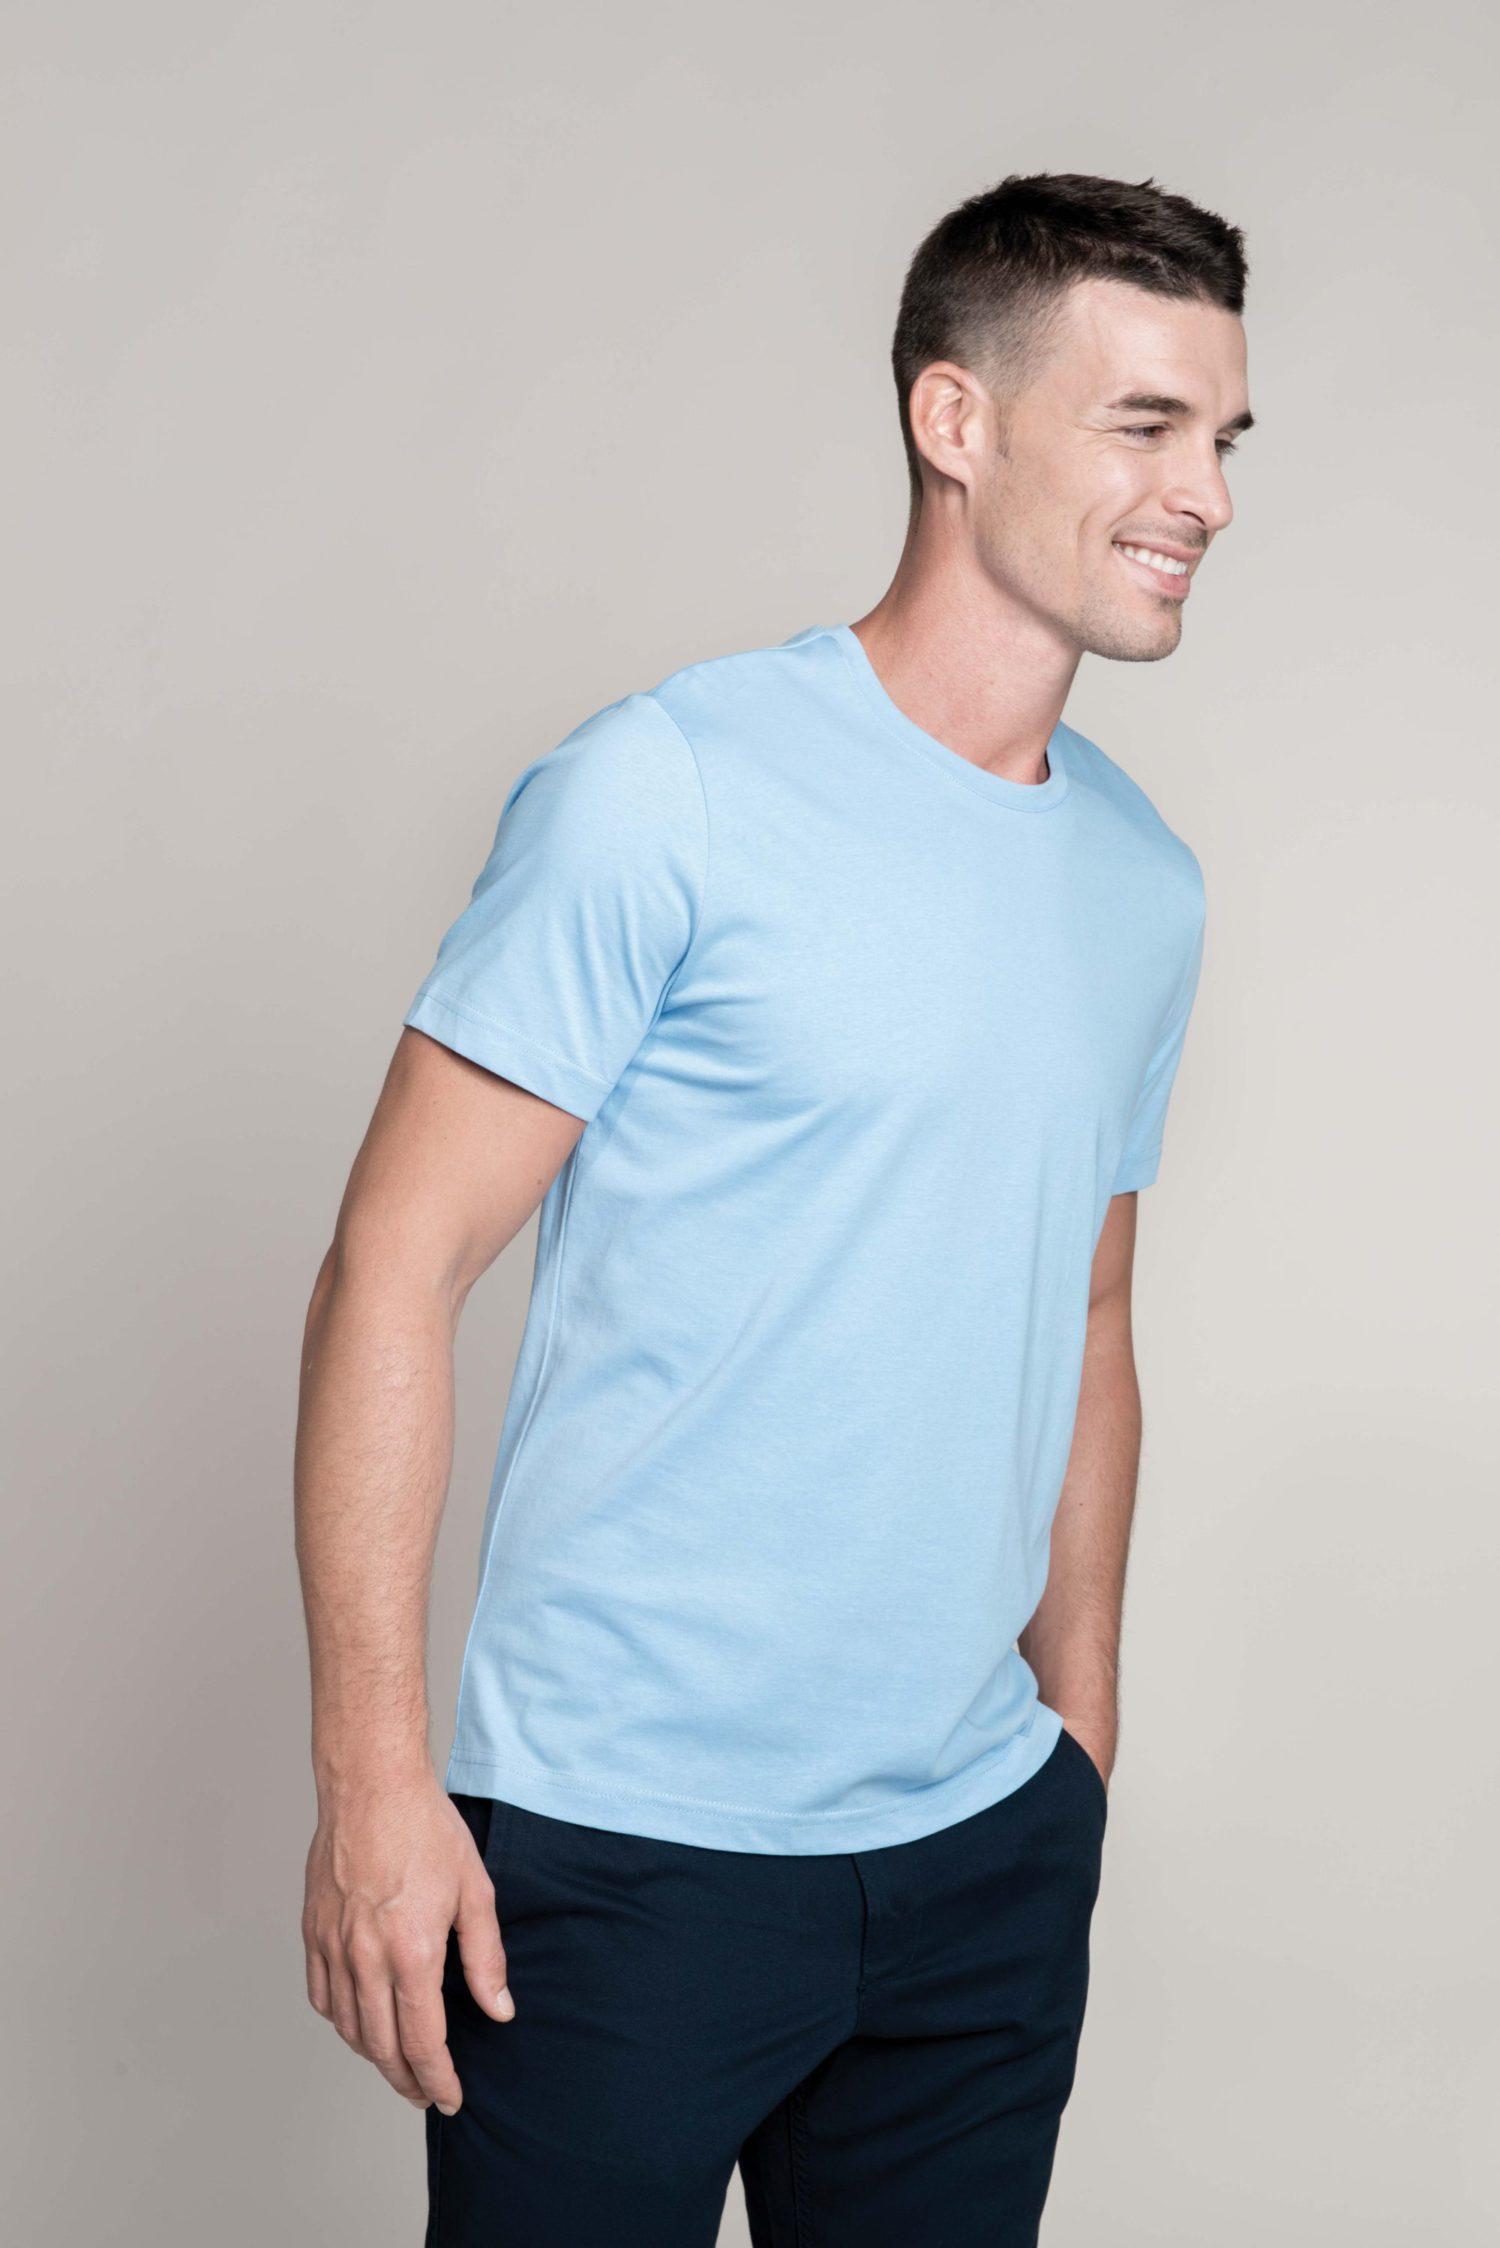 K356 T-Shirt Ronde Hals Korte Mouwen PAS Print Kariban Goedkope T Shirt